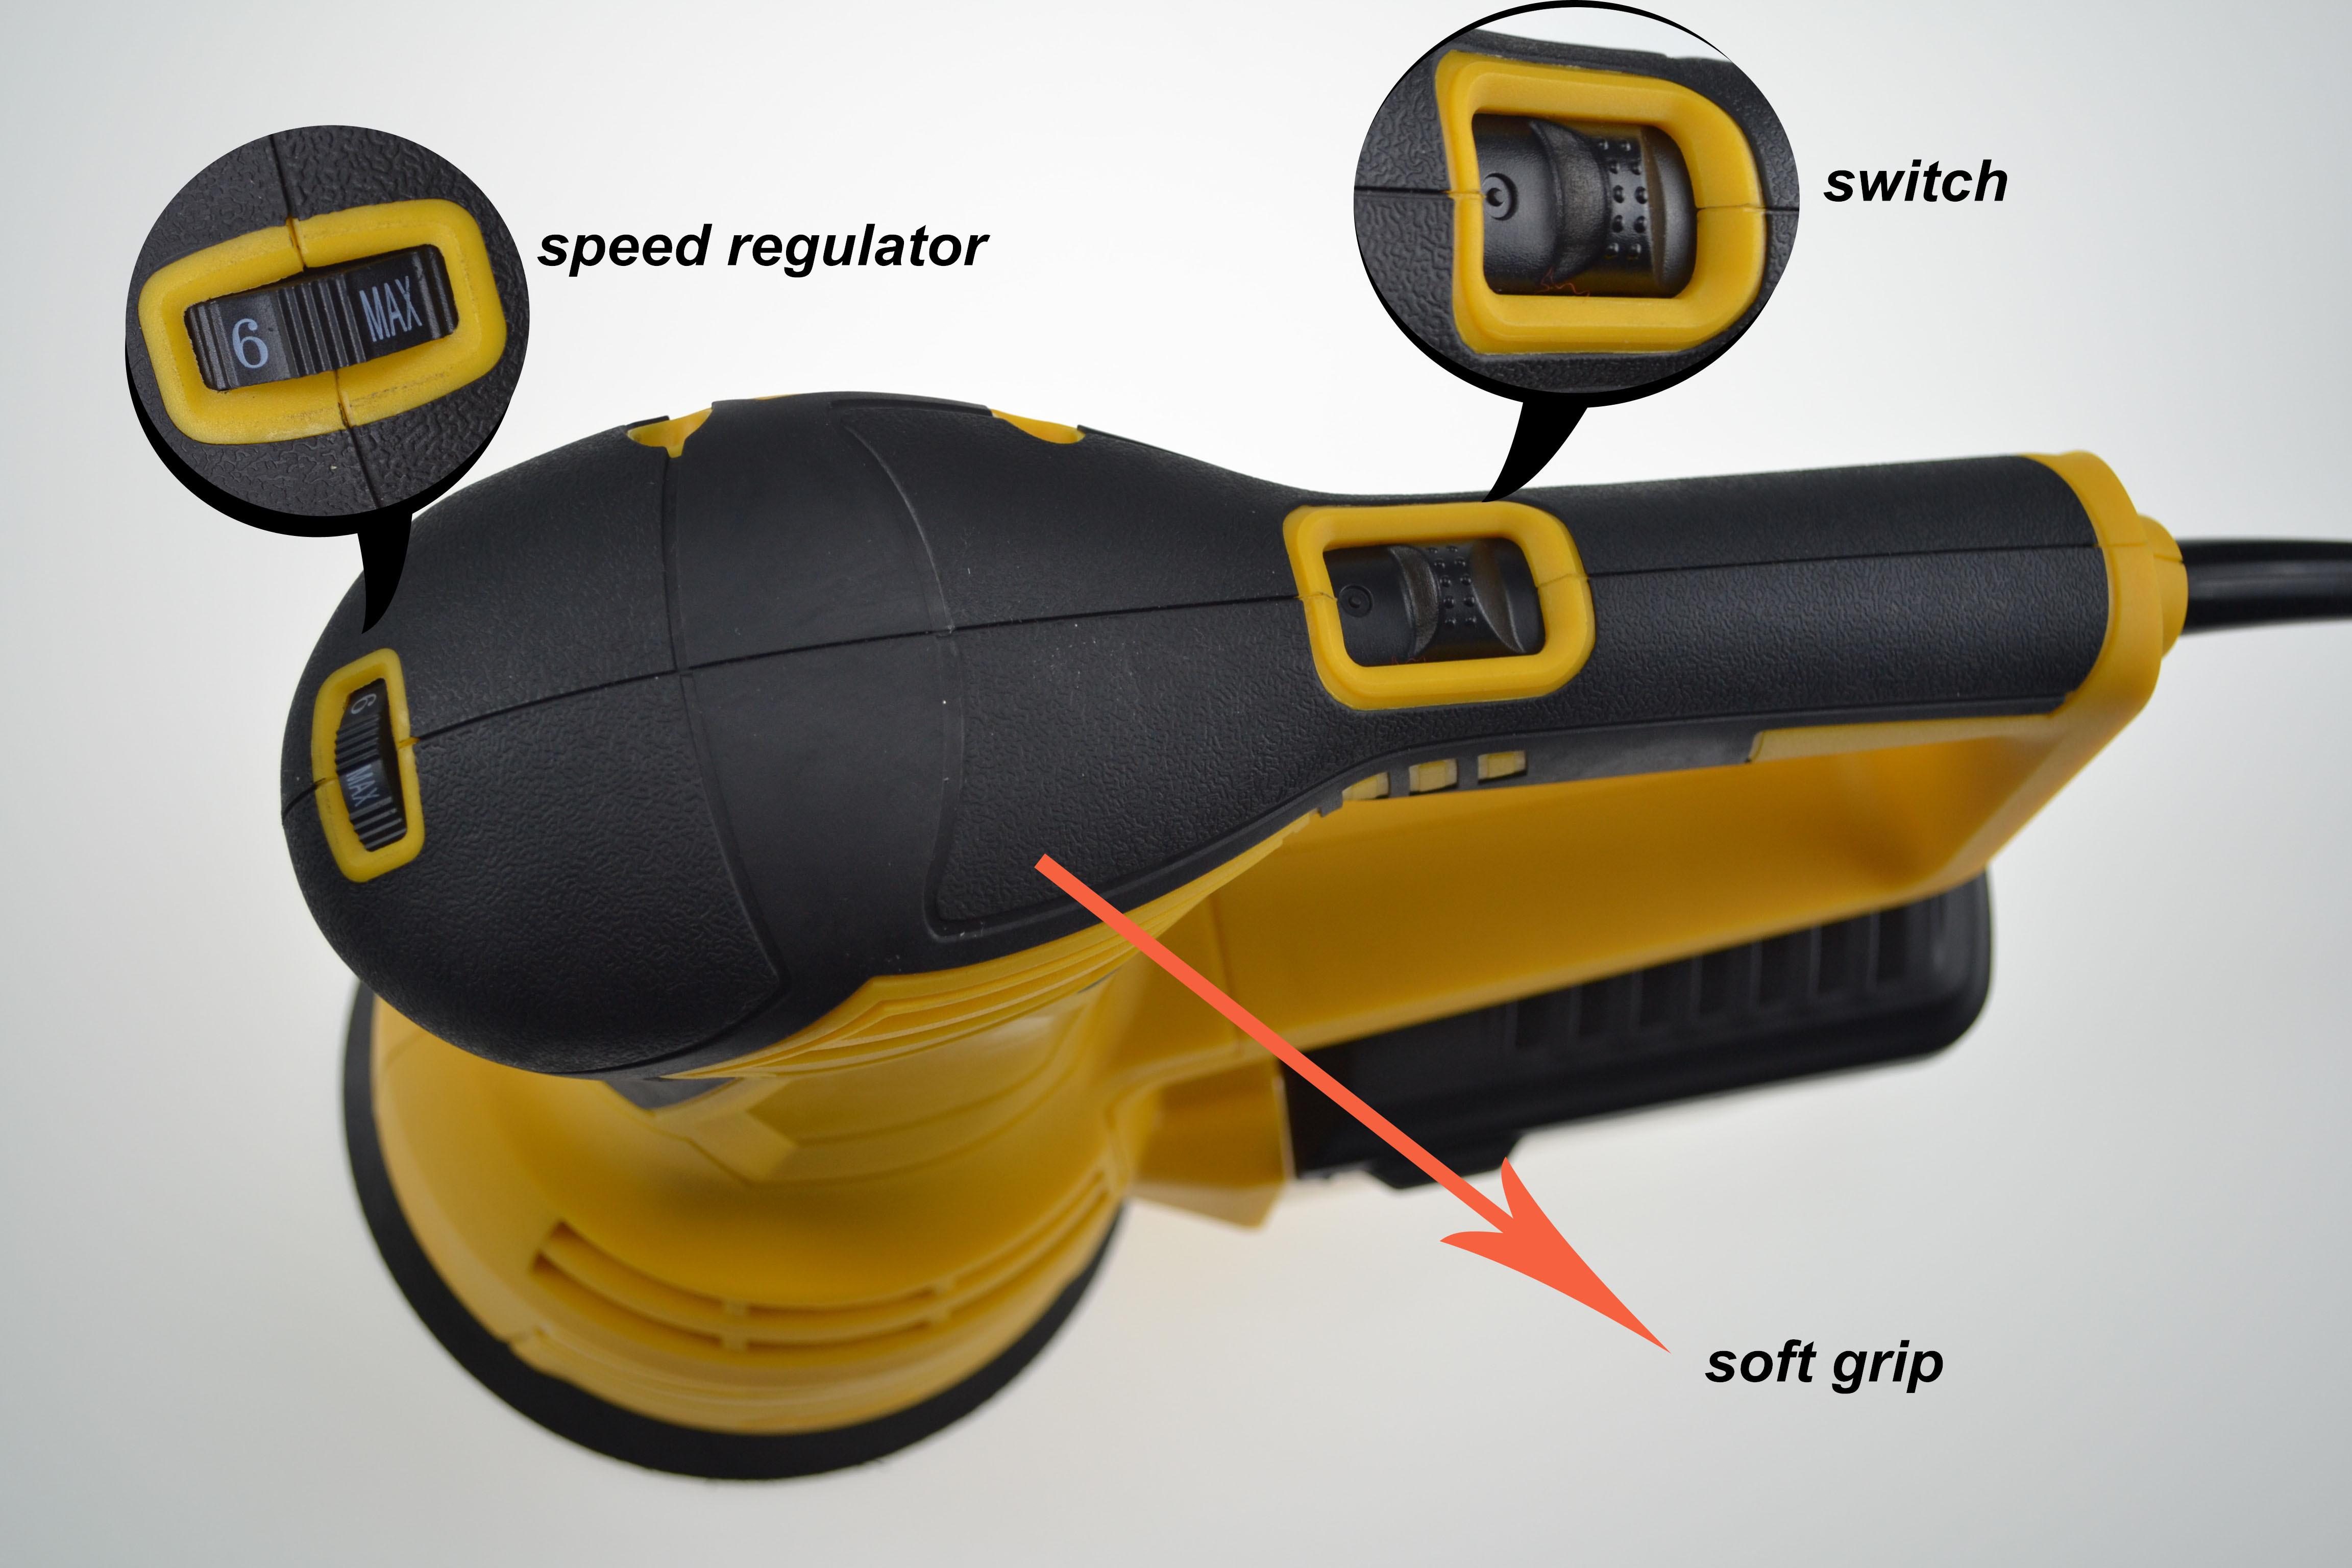 THPT AJ77 460 Вт 50 Гц 2,8 кг роторная шлифовальная машина для экспорта